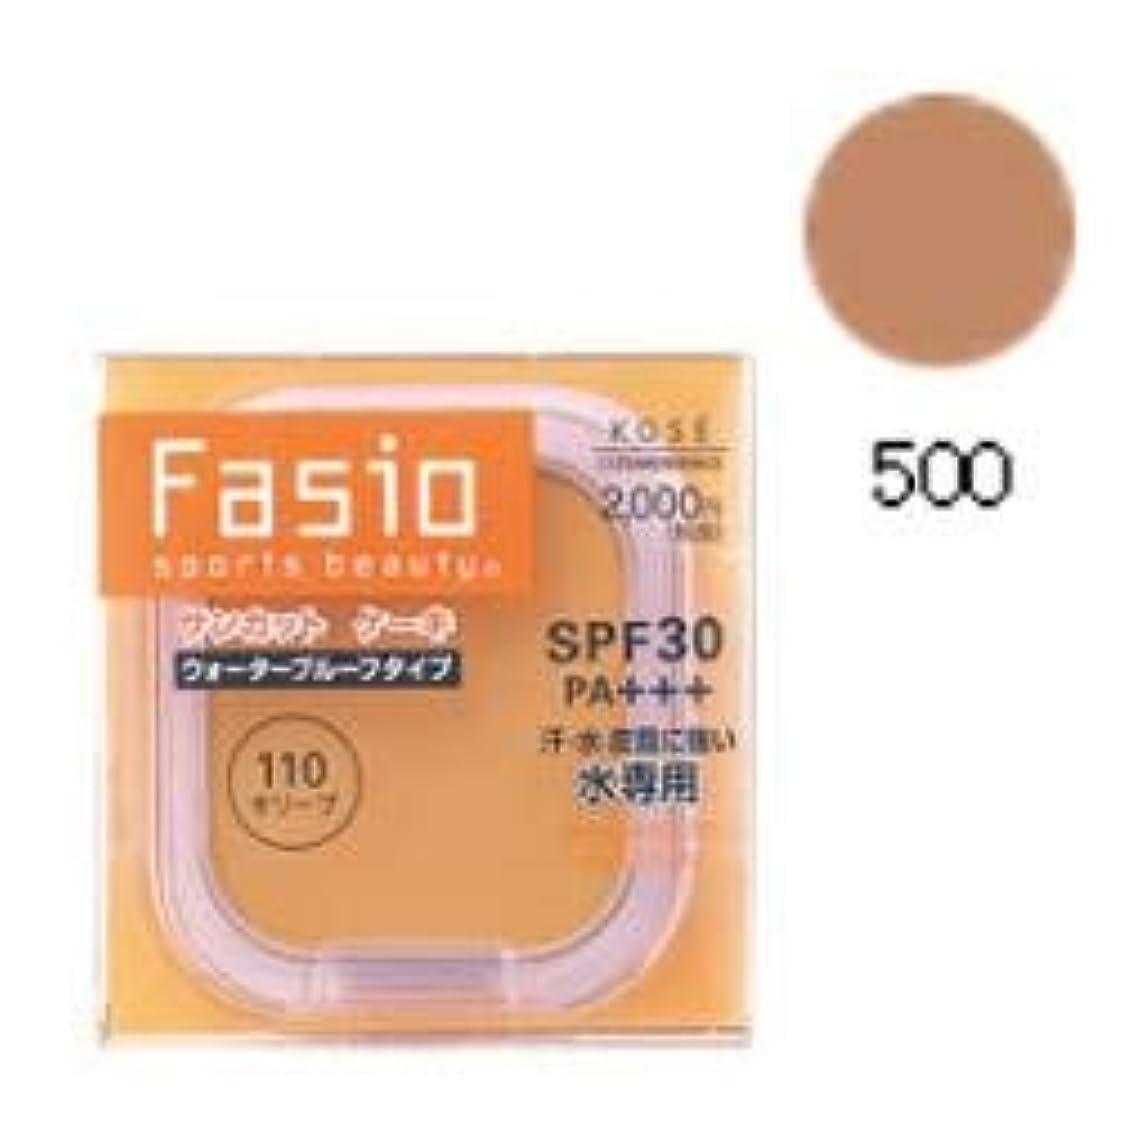 チョップメロディークリップ蝶コーセー Fasio ファシオ サンカット ケーキ 詰め替え用 500